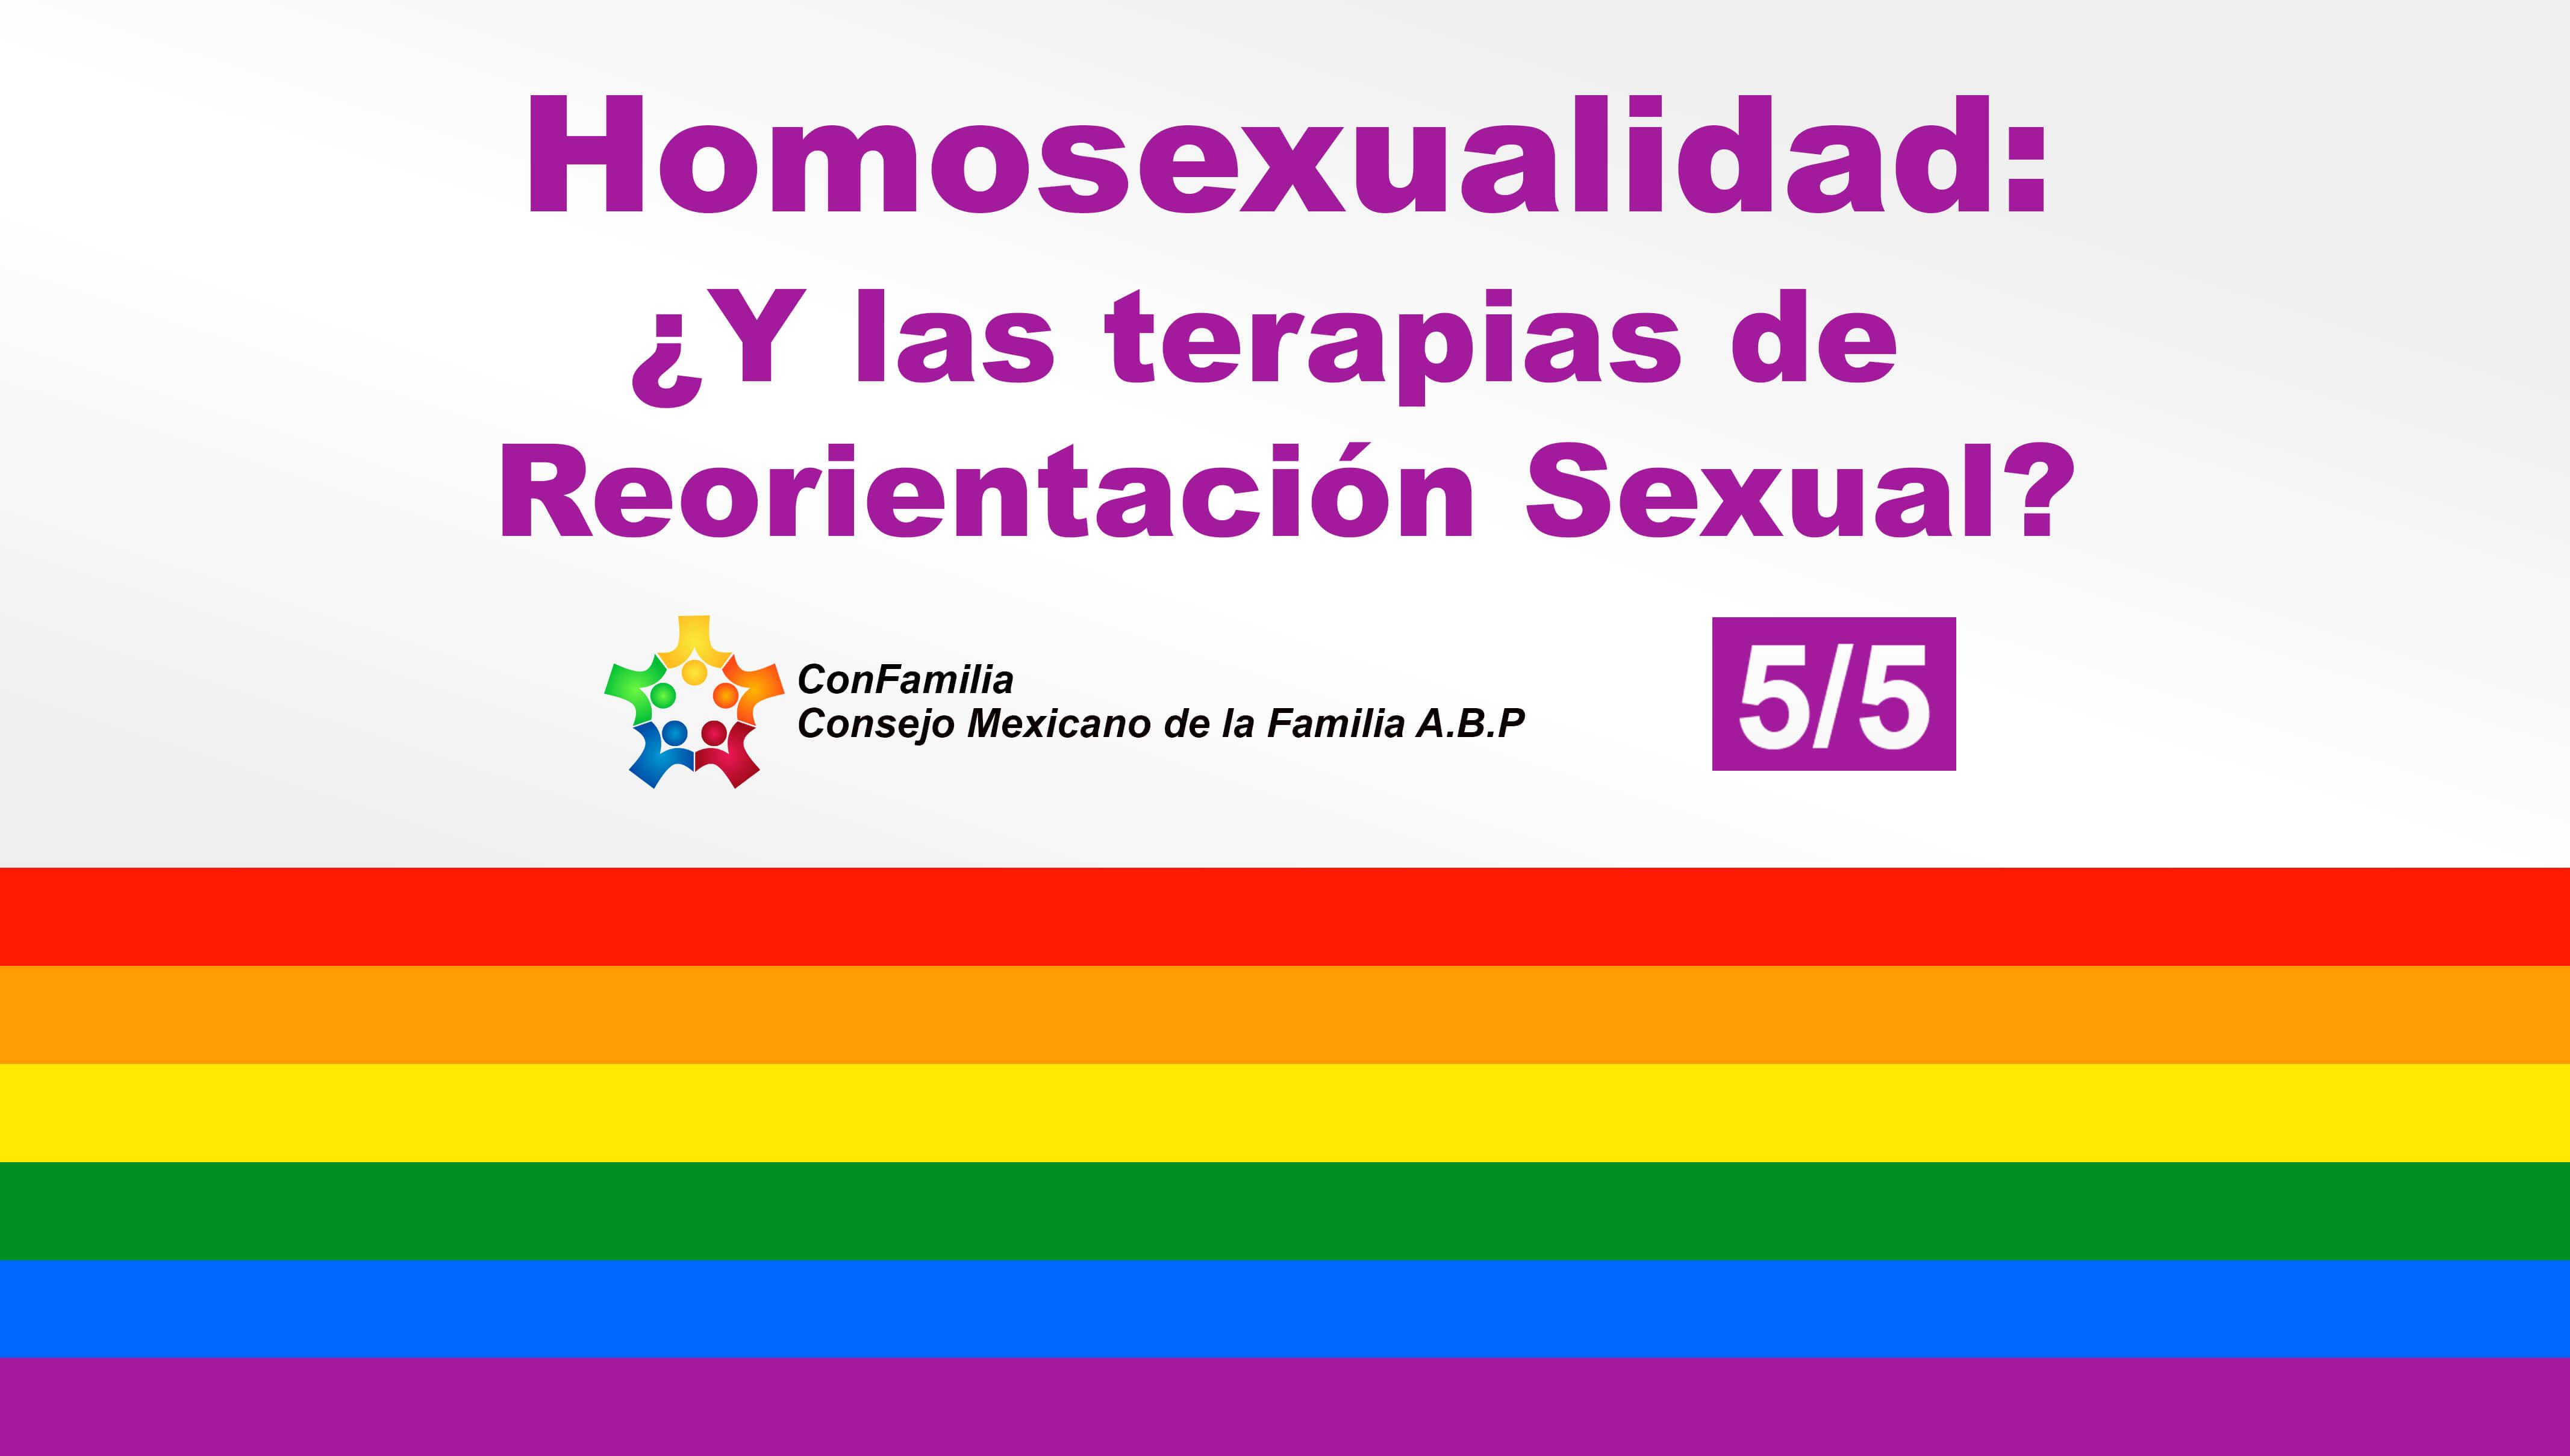 Las terapias de reorientación sexual son una realidad y deberían estar al alcance de todos!!